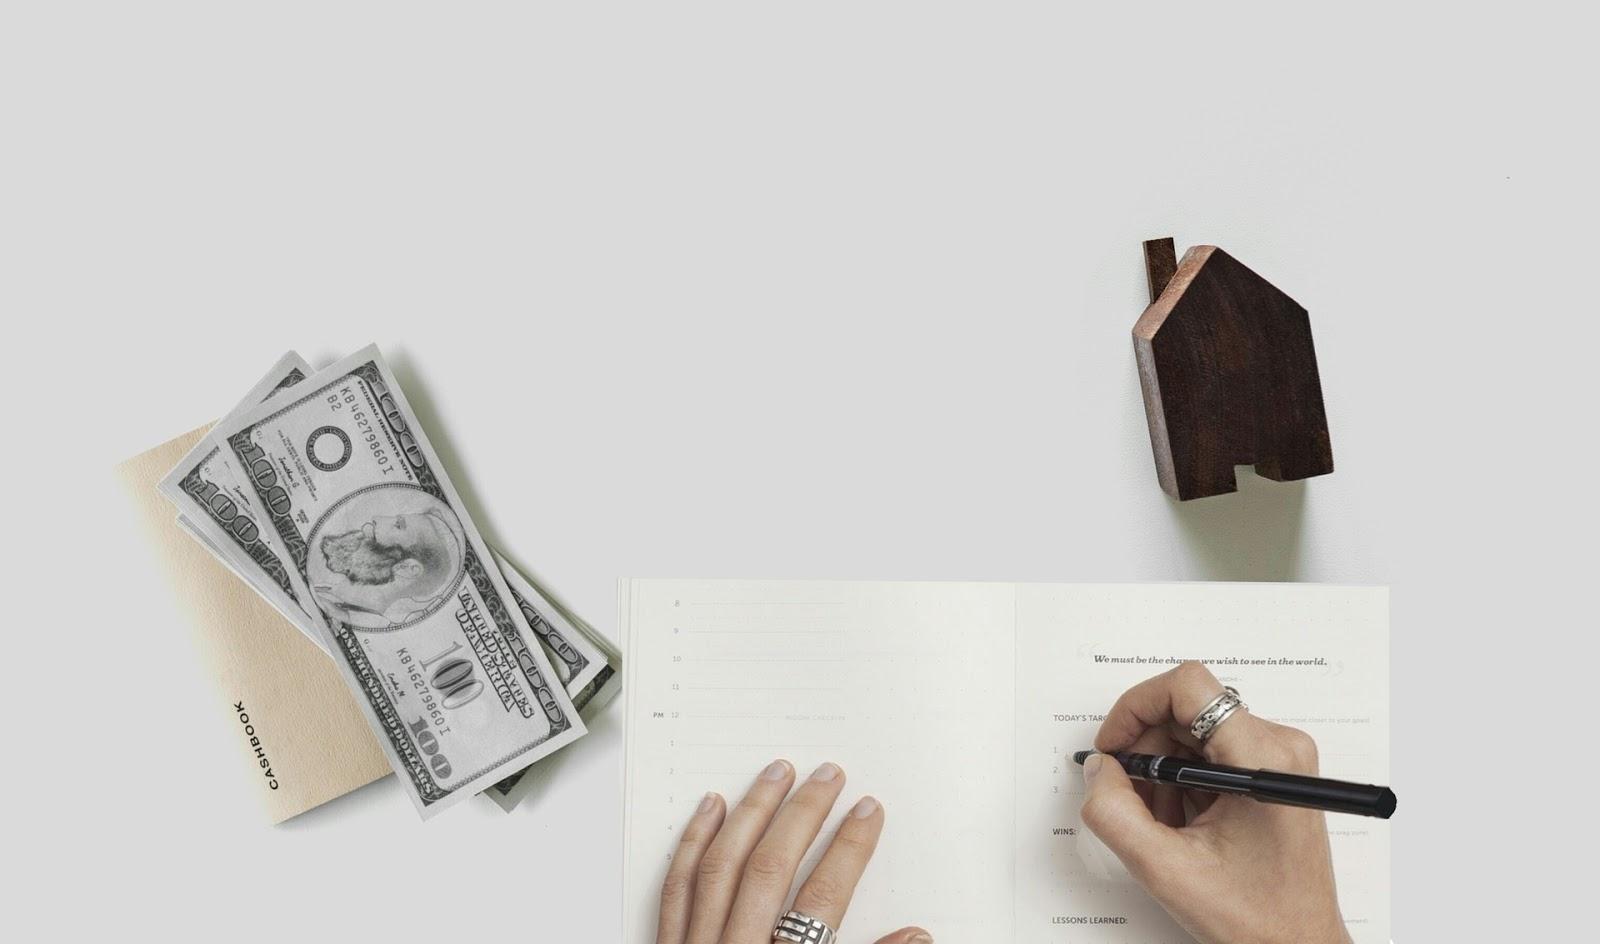 金飯碗的裂痕-雇主可以預扣員工的工資嗎?